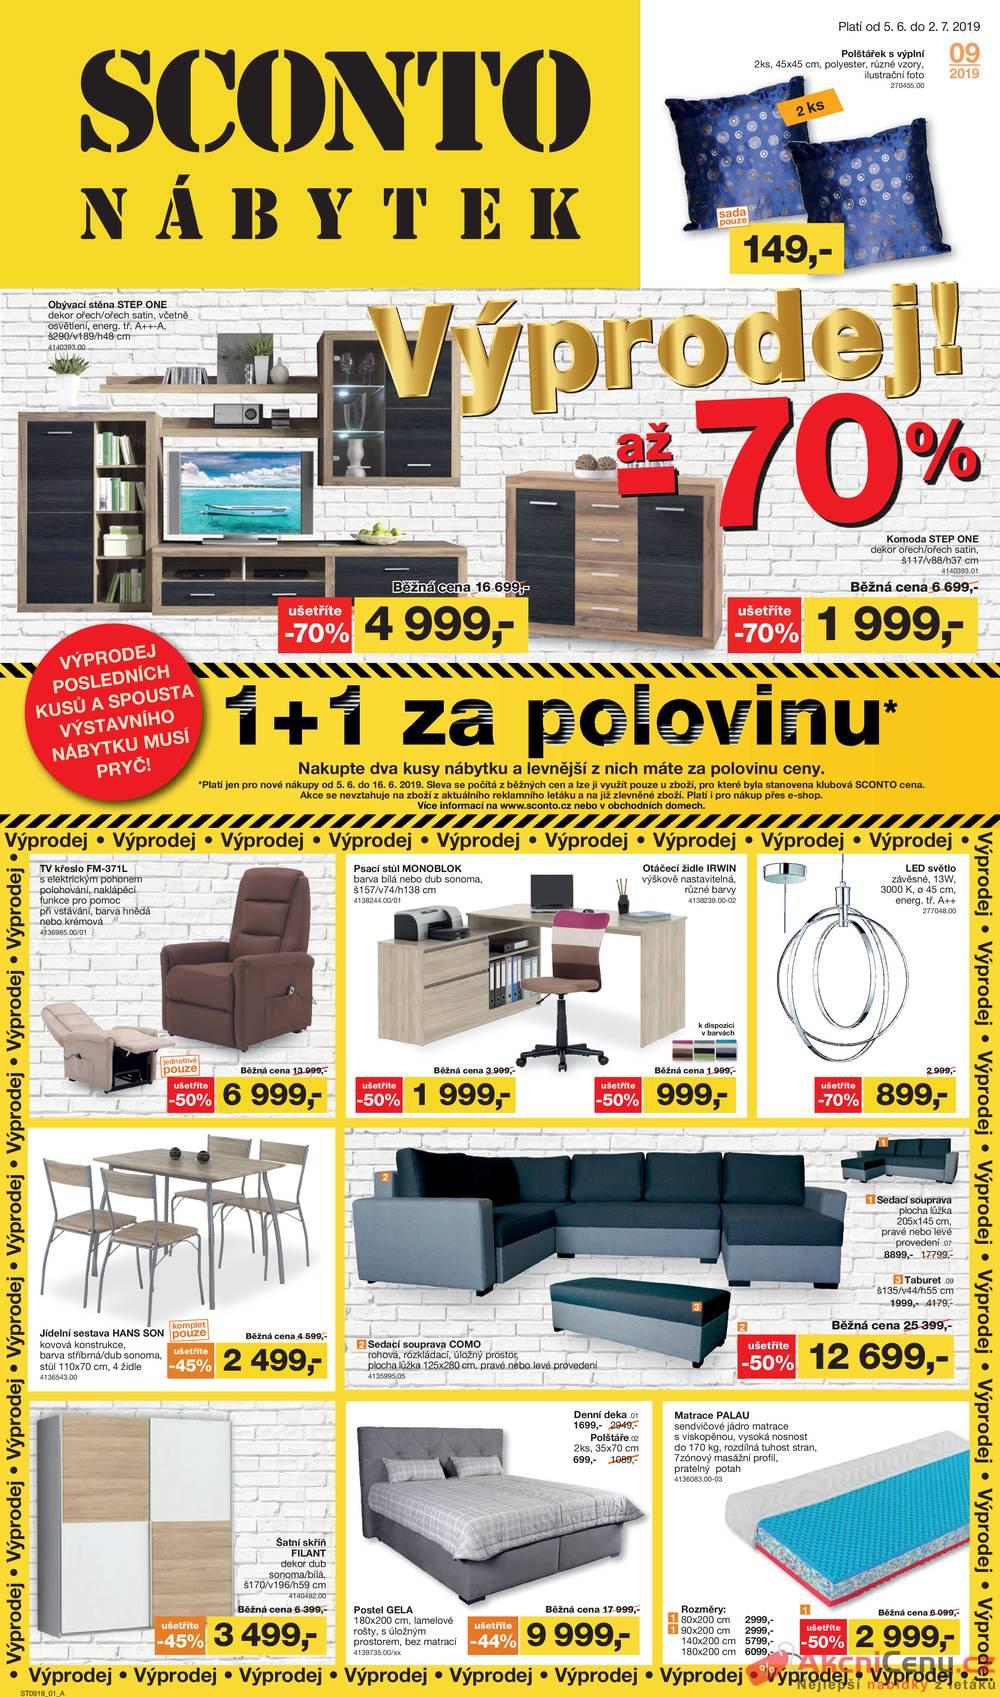 Leták Sconto nábytek - Sconto nábytek 5.6. - 2.7. - strana 1